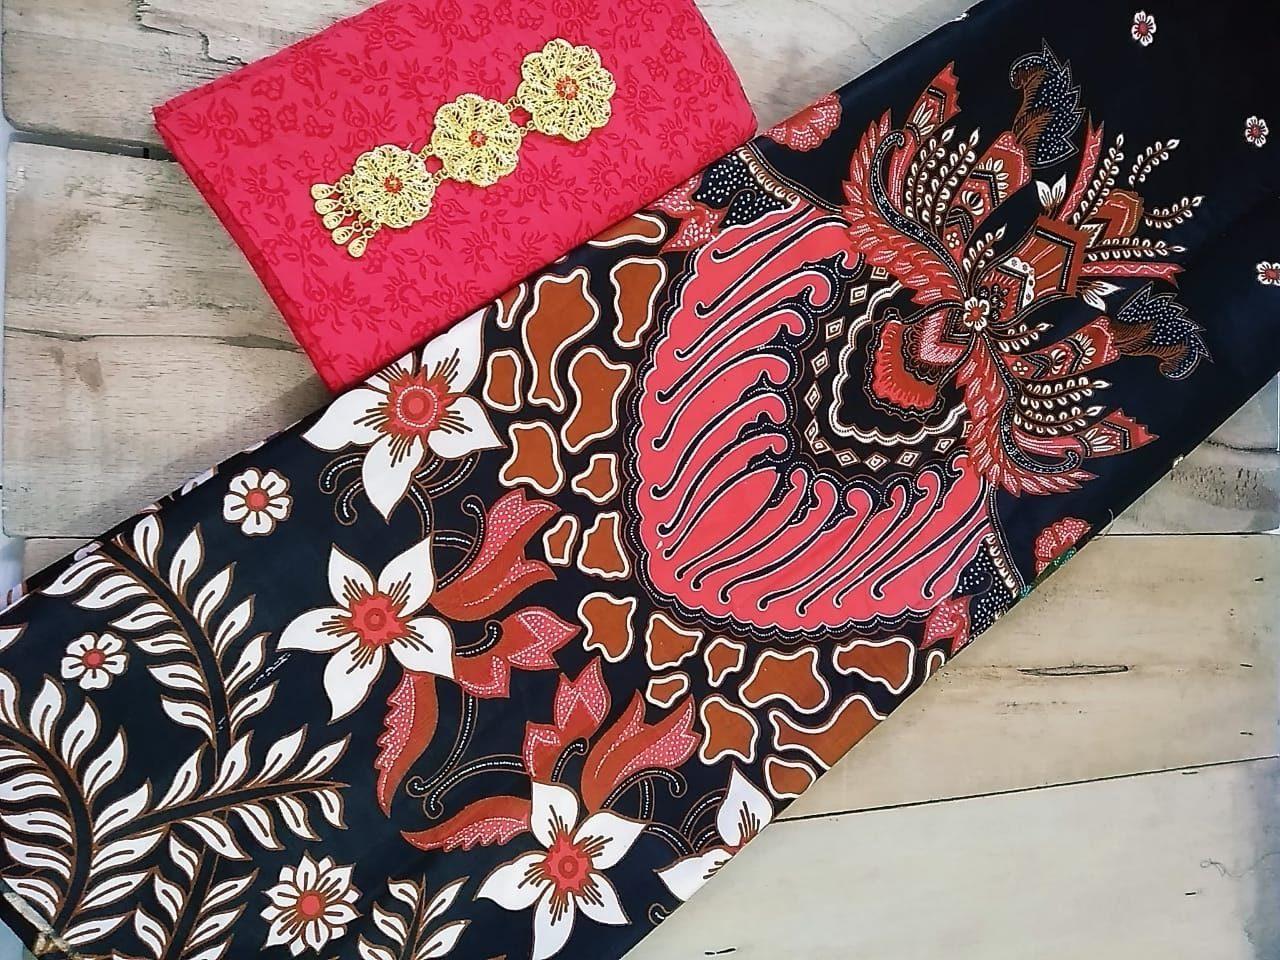 kain batik pekalongan motif gunungan watu warna hitam kombinasi merah